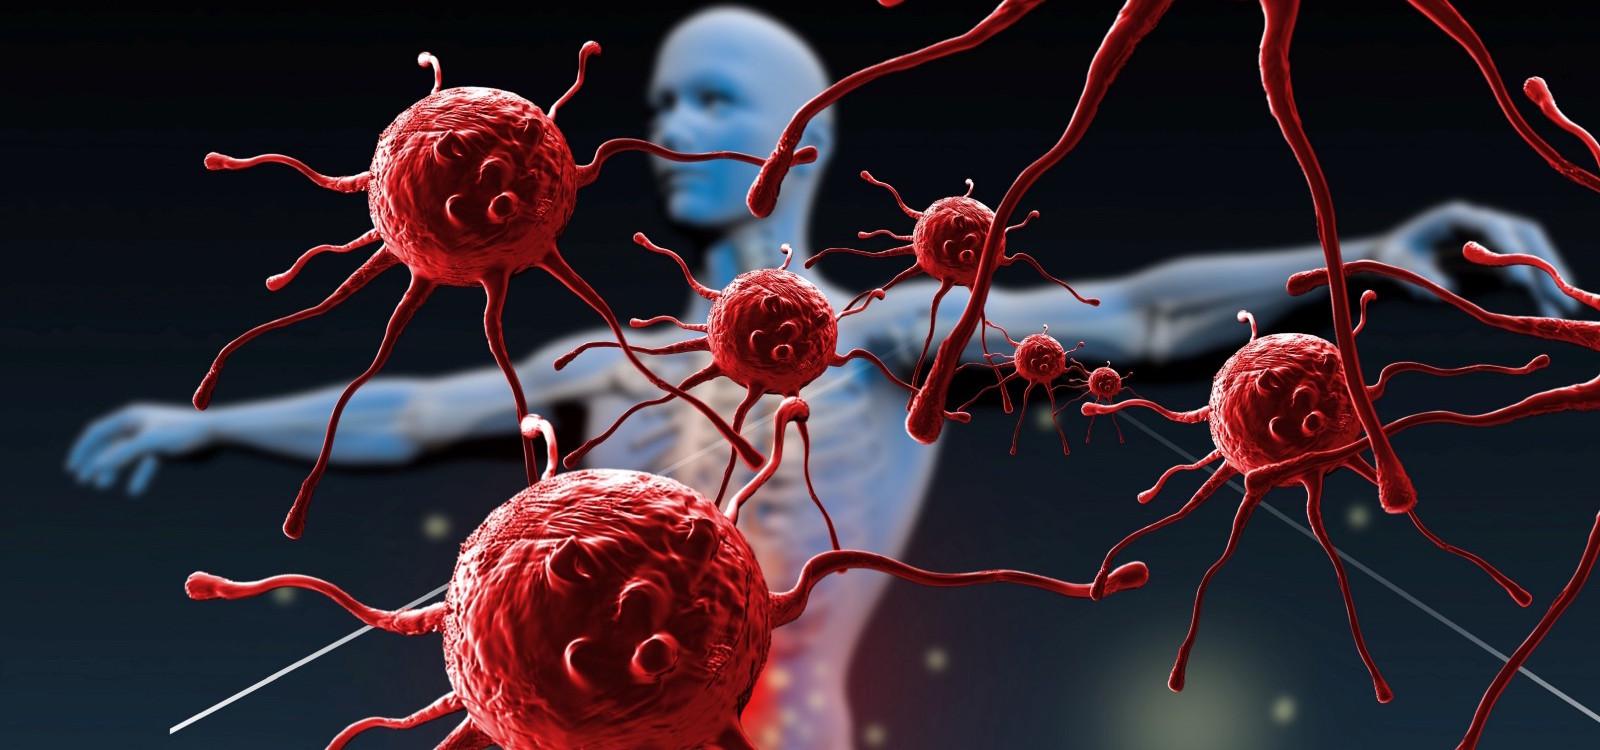 Descubren nueva vía por la que los virus escapan del sistema inmune...